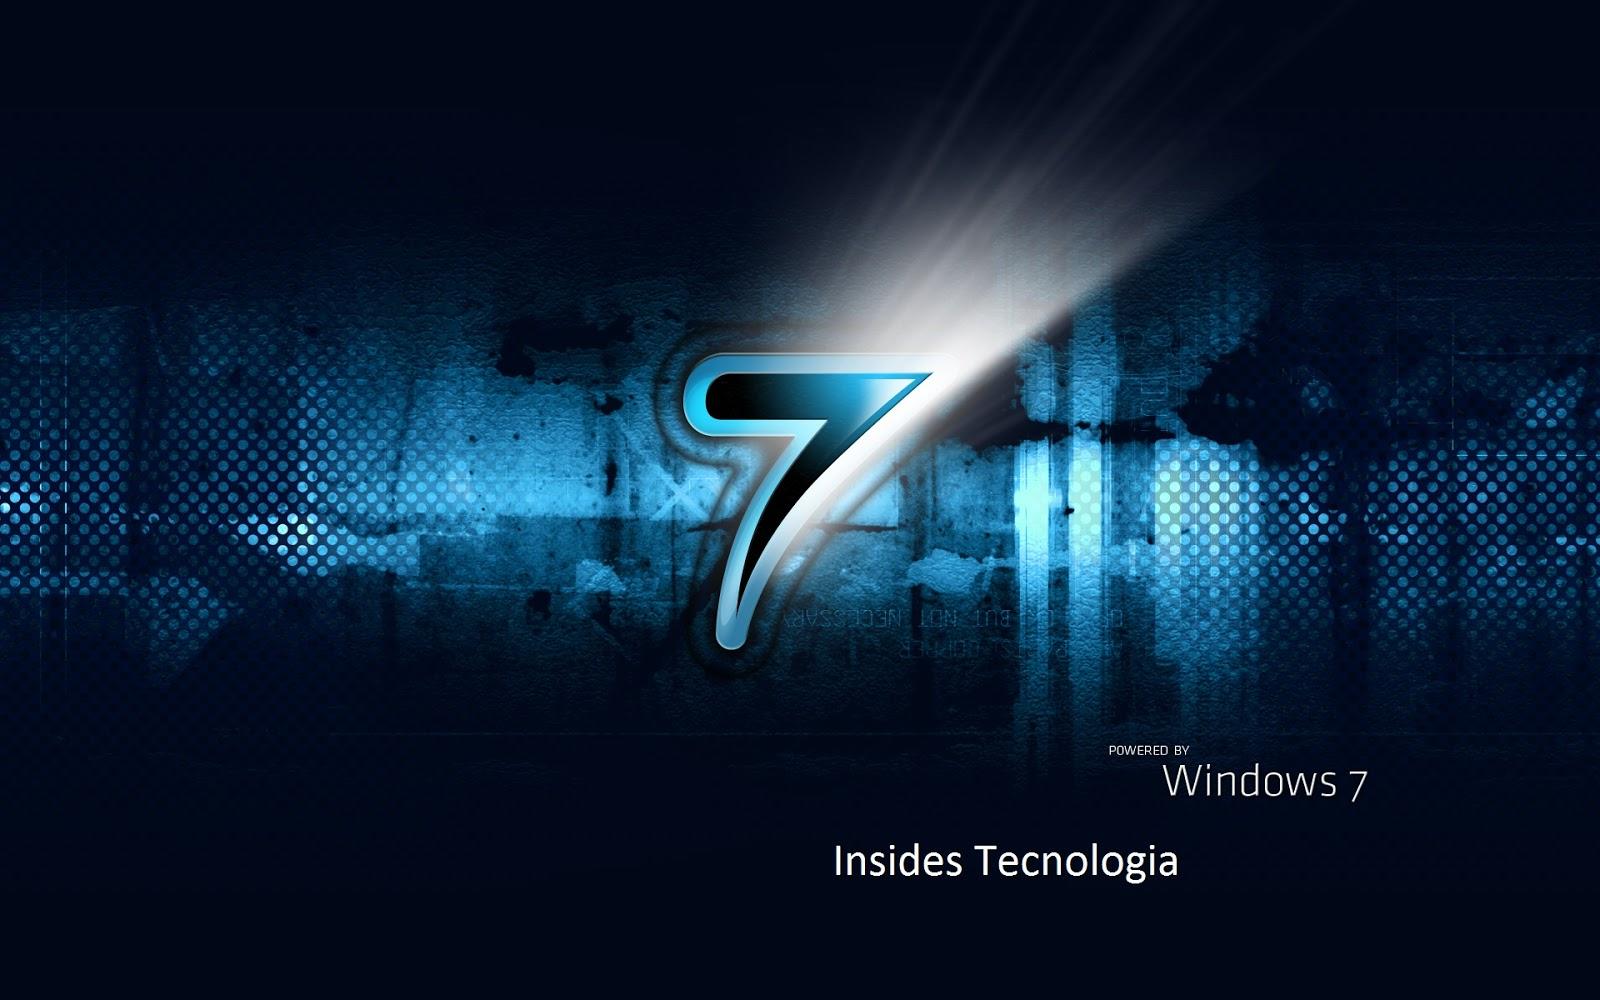 Certifica 199 195 o 70 680 windows 7 imagens e vhd insides